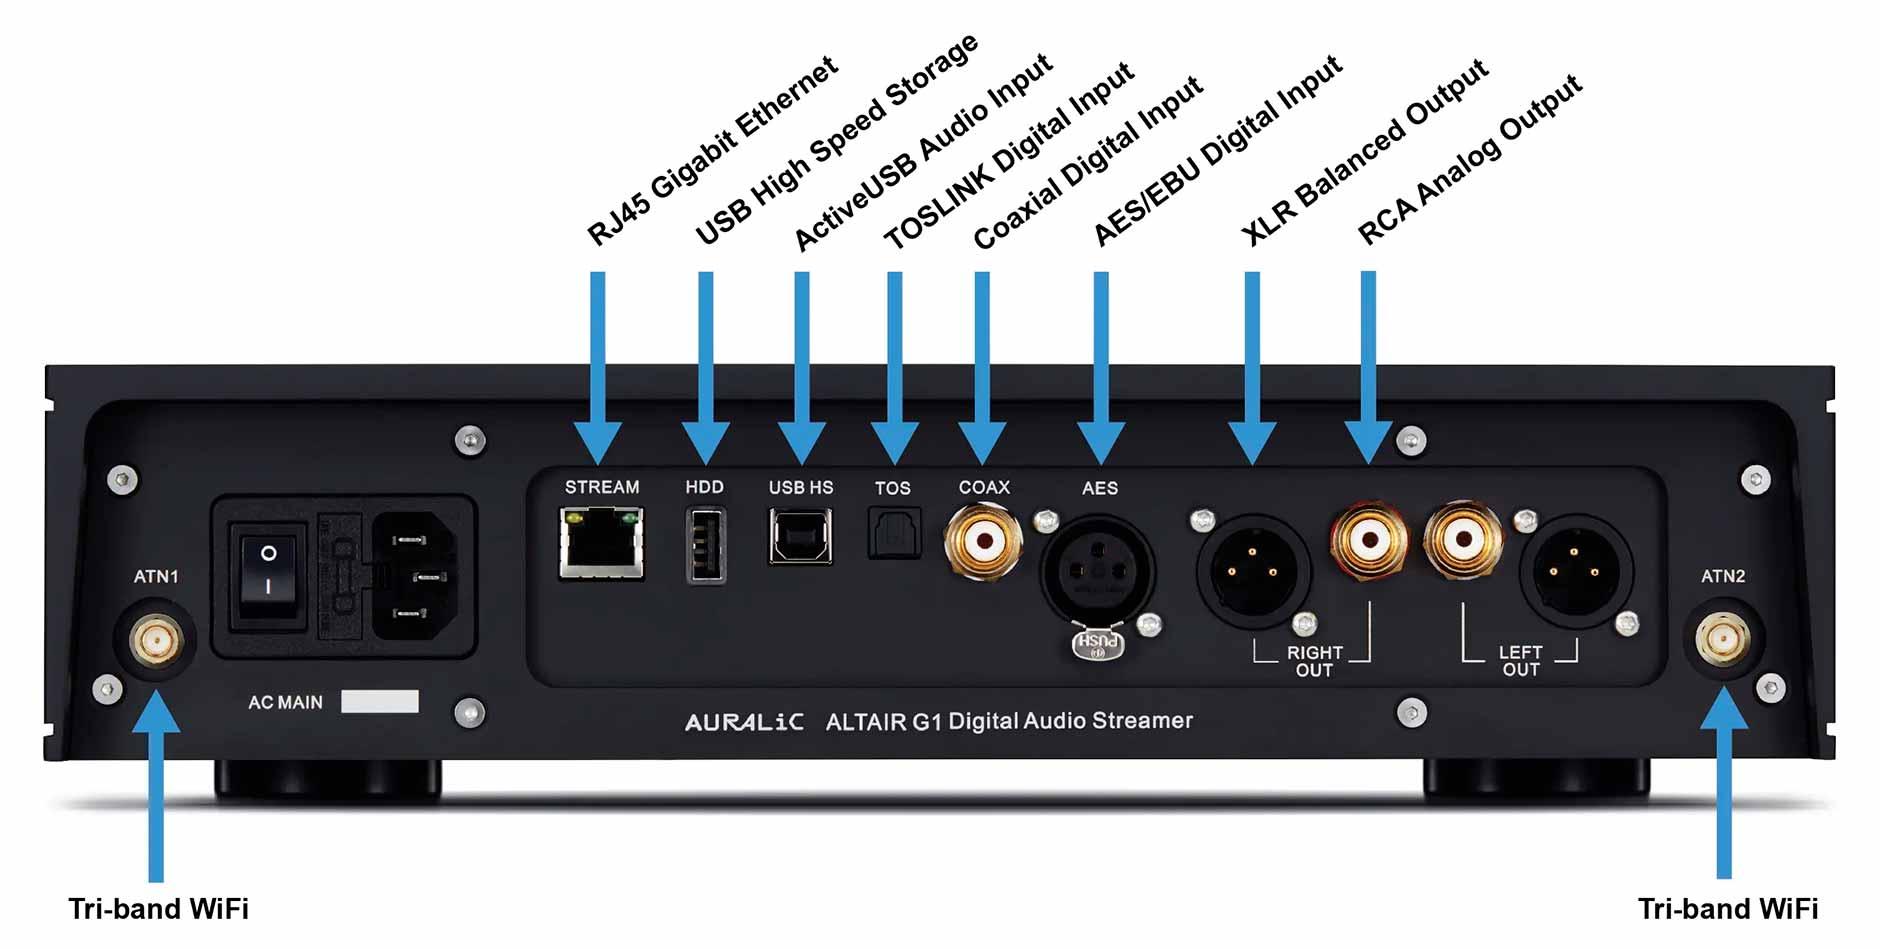 Toutes les entrées numériques du DAC Sabre de l'Auralic Altair G1 : USB, Toslink optique, coaxial, AES XLR